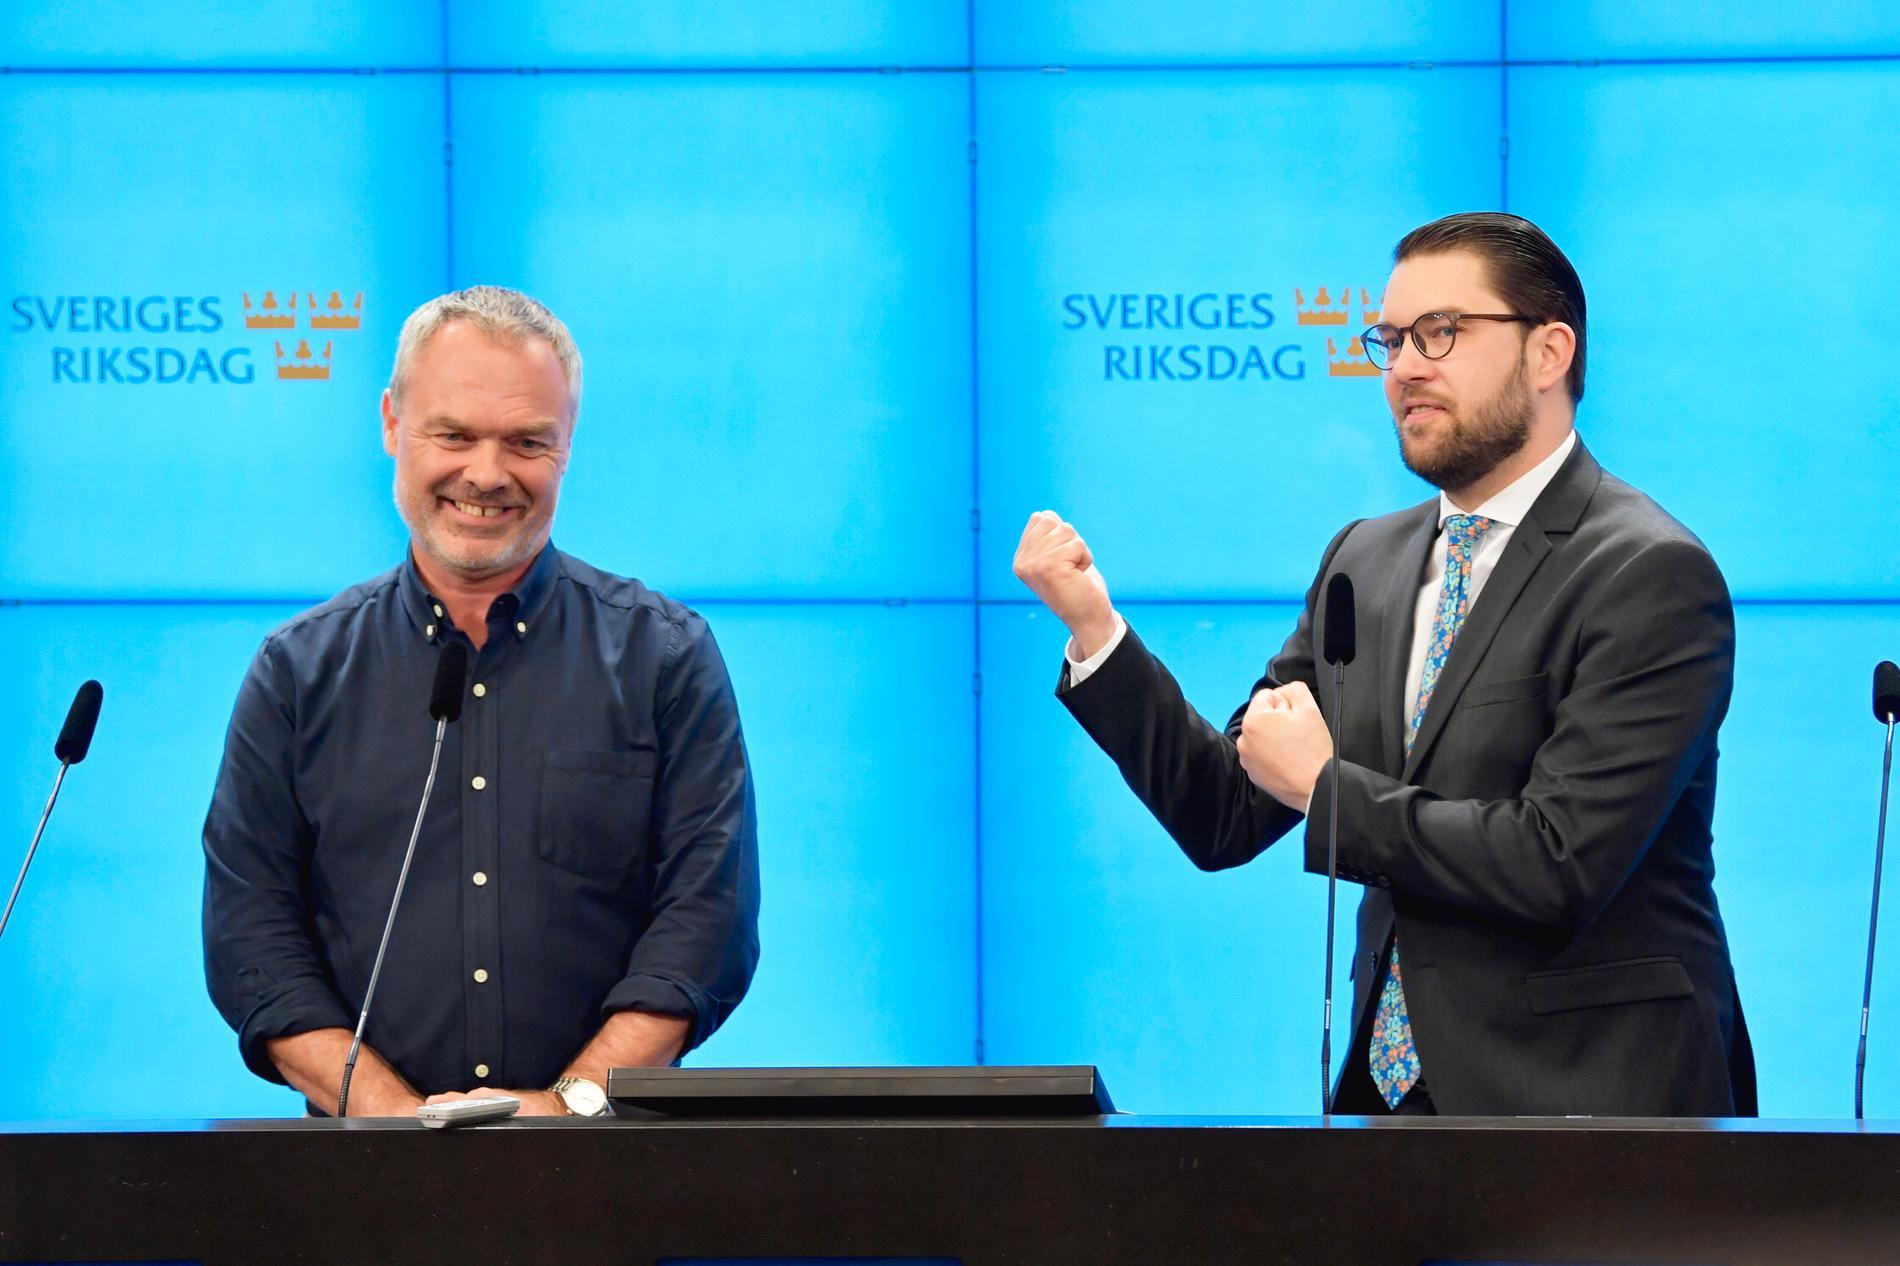 Liberalernas partiledare Jan Björklund (L) och Sverigedemokraternas partiledare Jimmie Åkesson (SD) håller en gemensam pressträff i riksdagens presscenter.